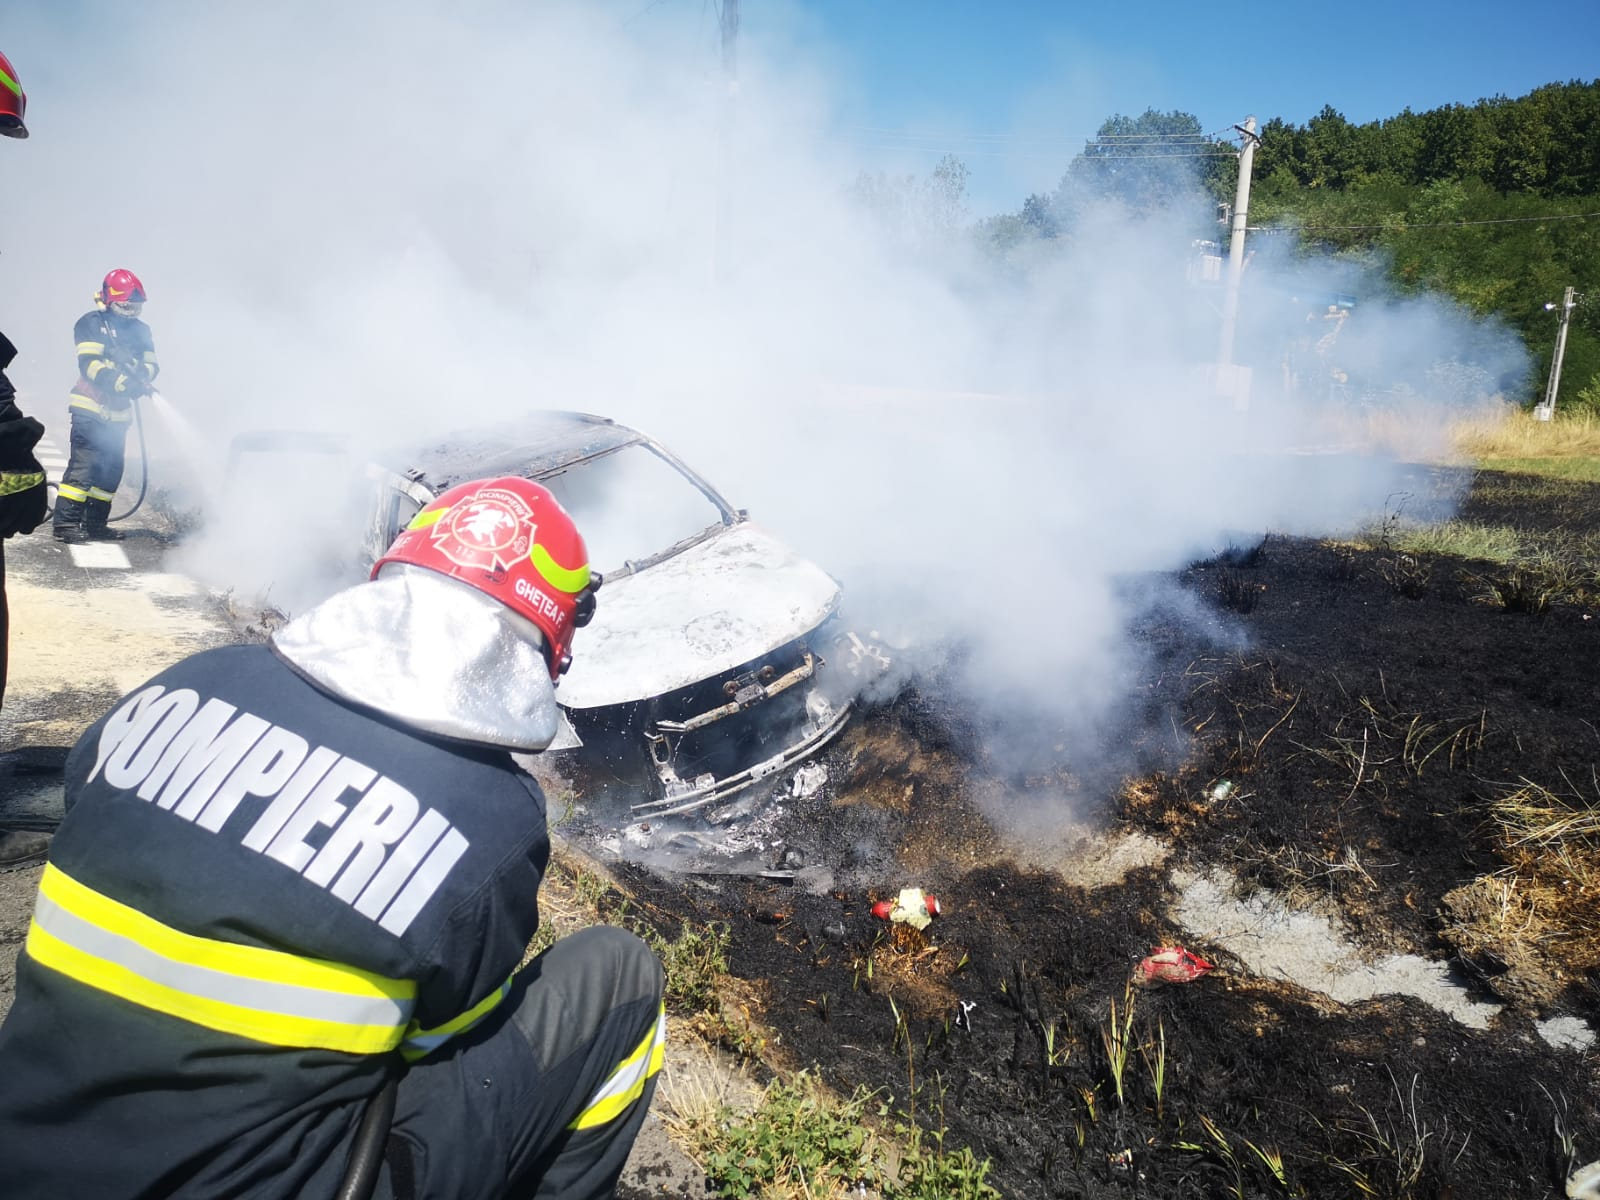 VIDEO. Accident grav cu 3 mașini, după ce un incendiu a izbucnit într-un autoturism, chiar lângă un PECO